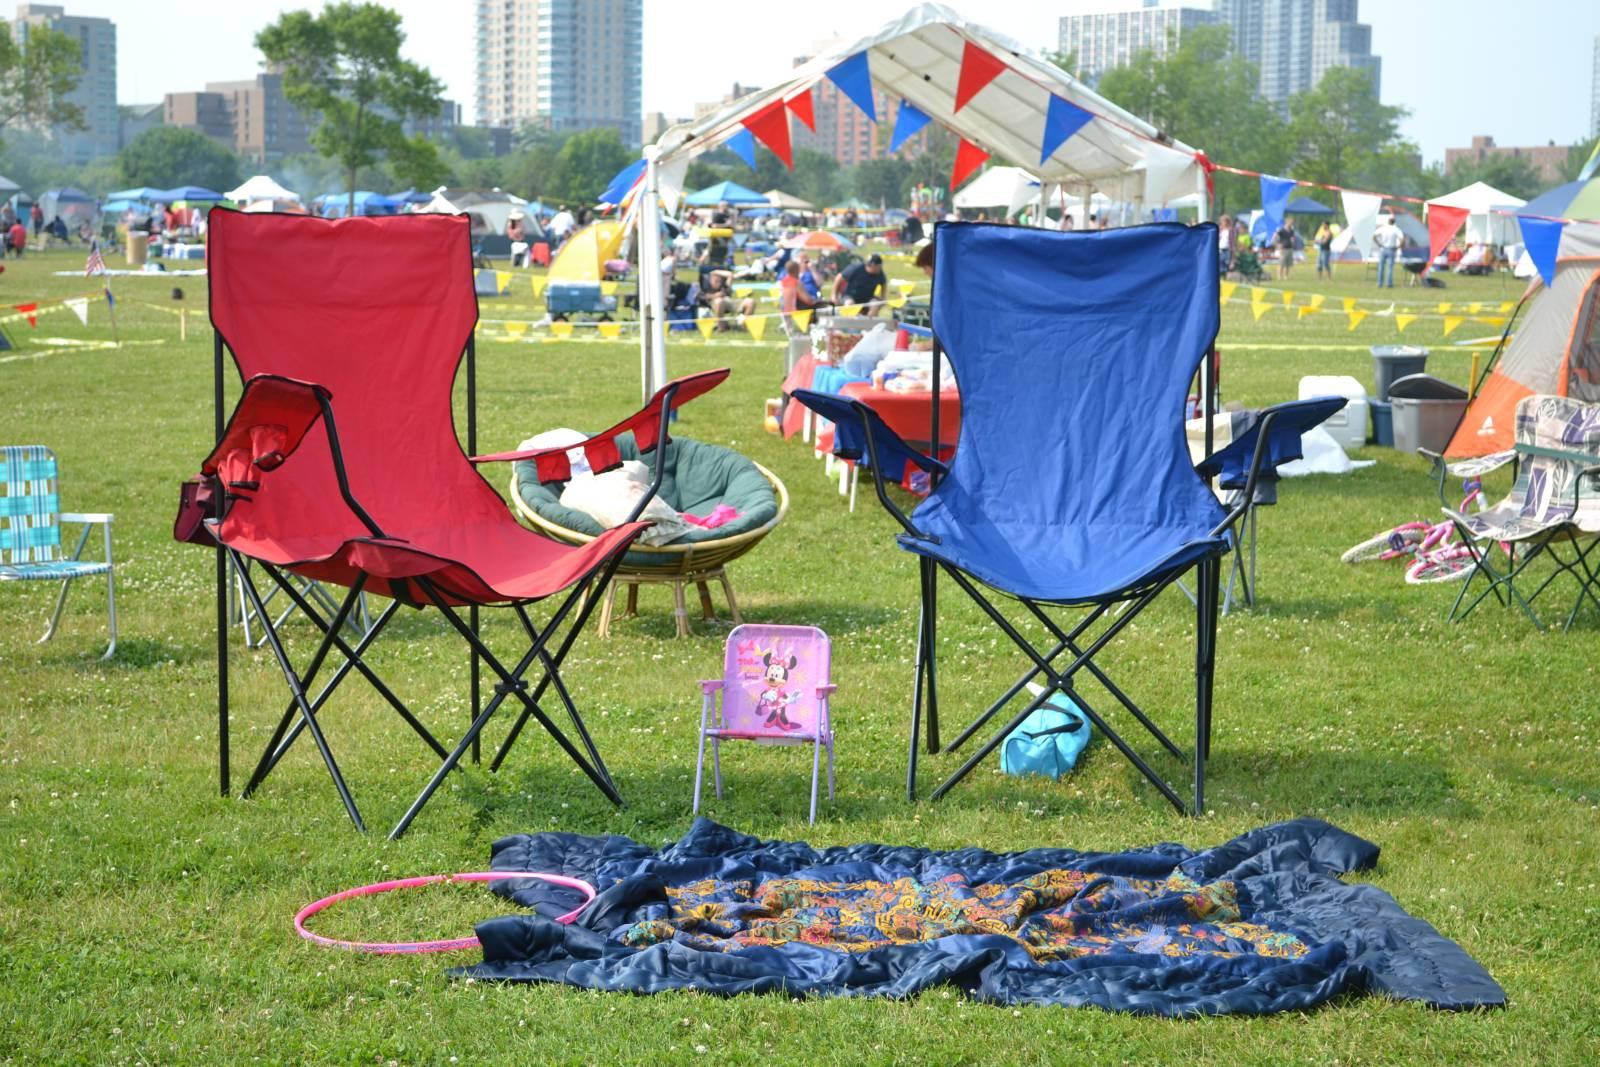 Fireworks Campers